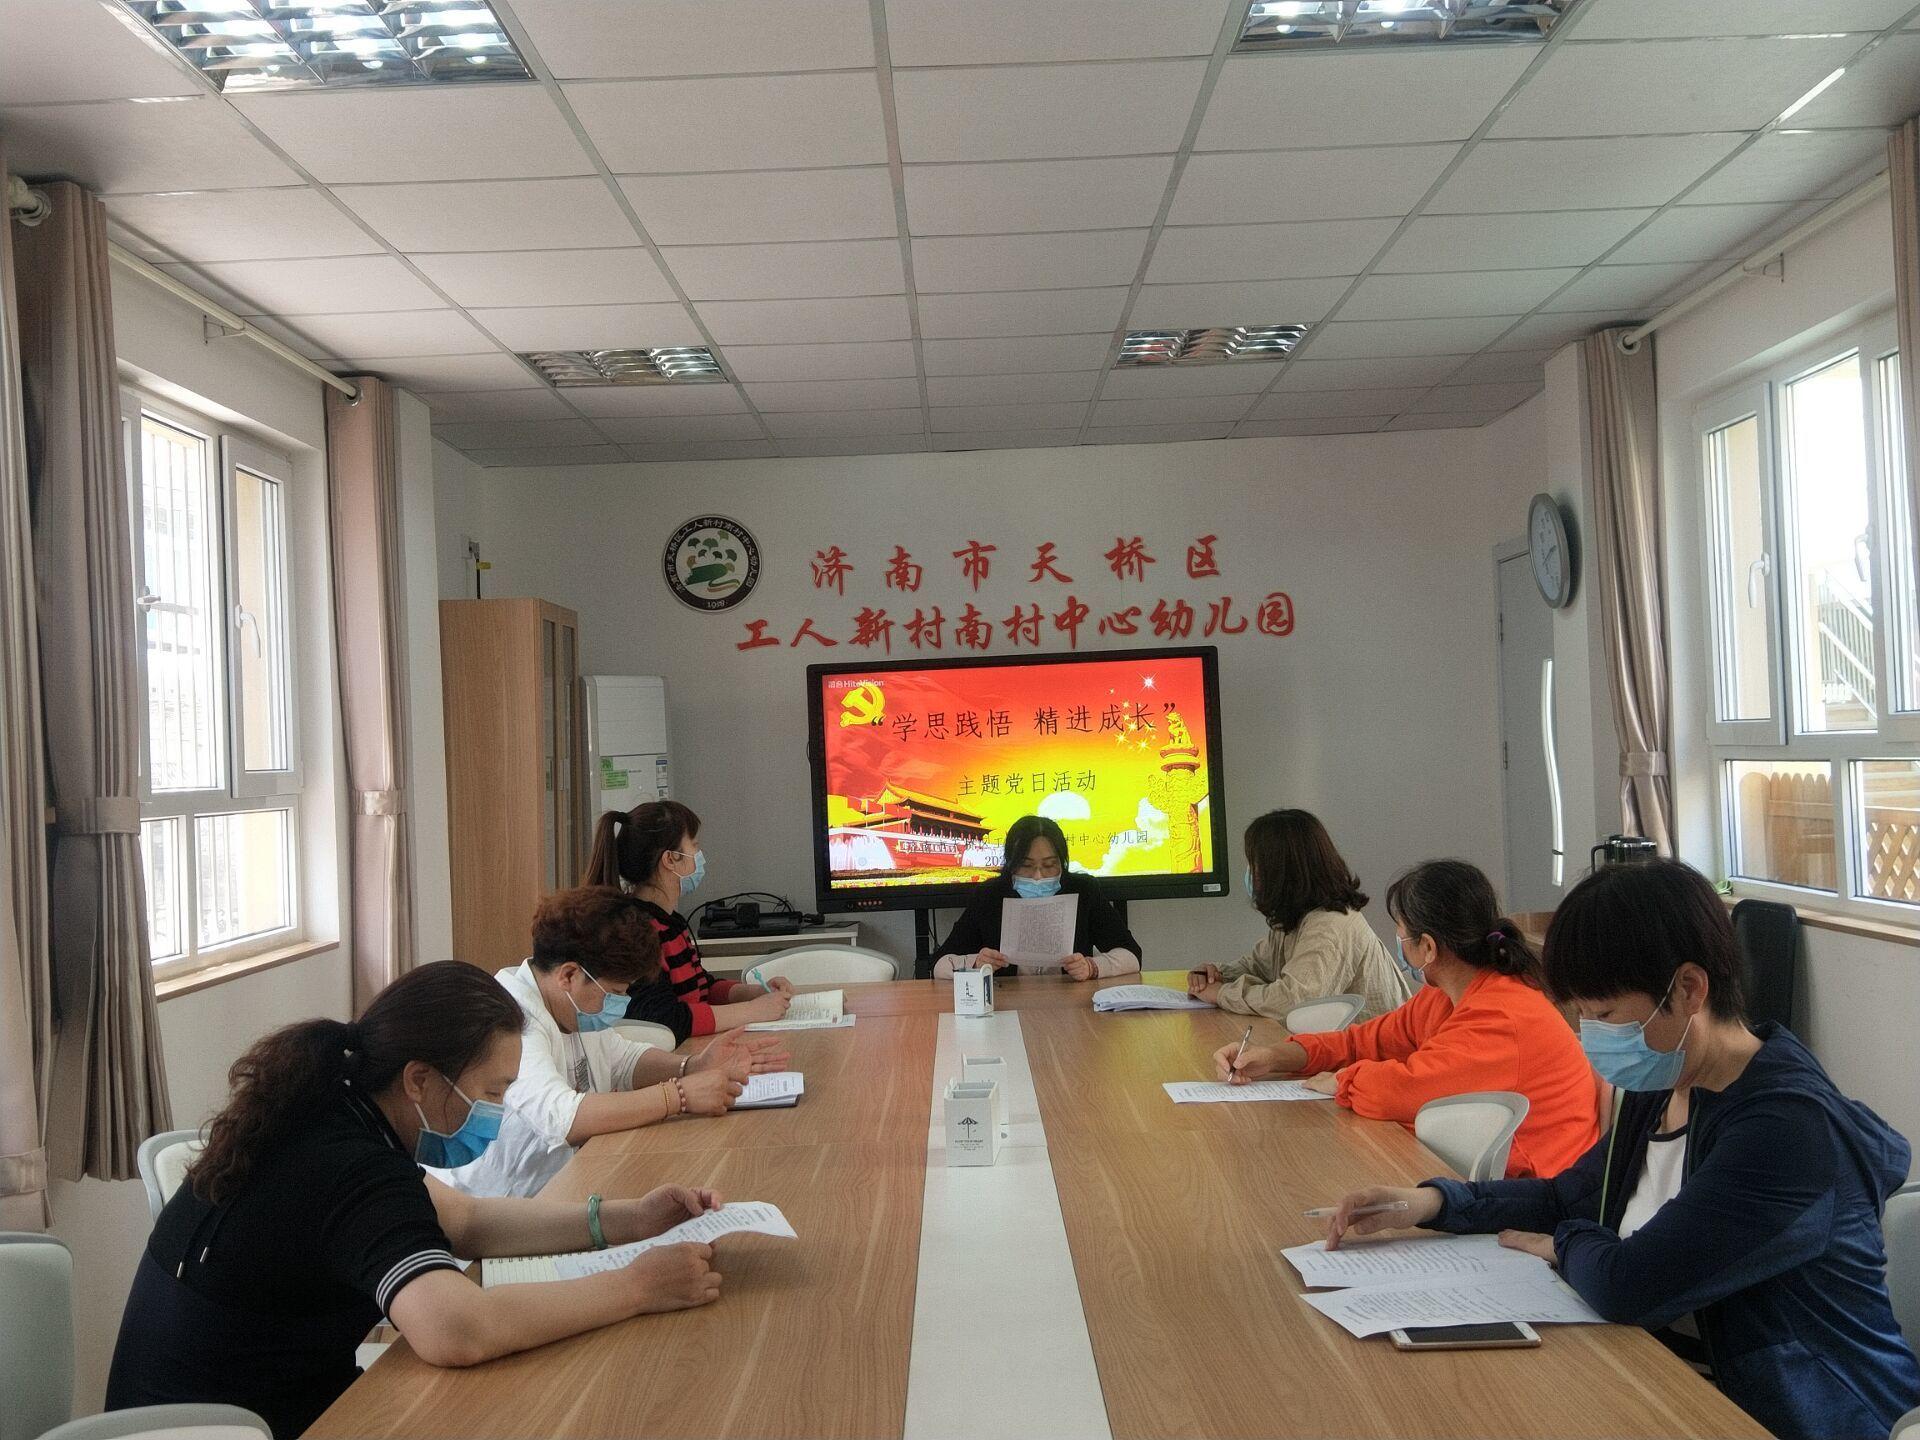 天桥区工人新村南村中心幼儿园开展主题党日活动